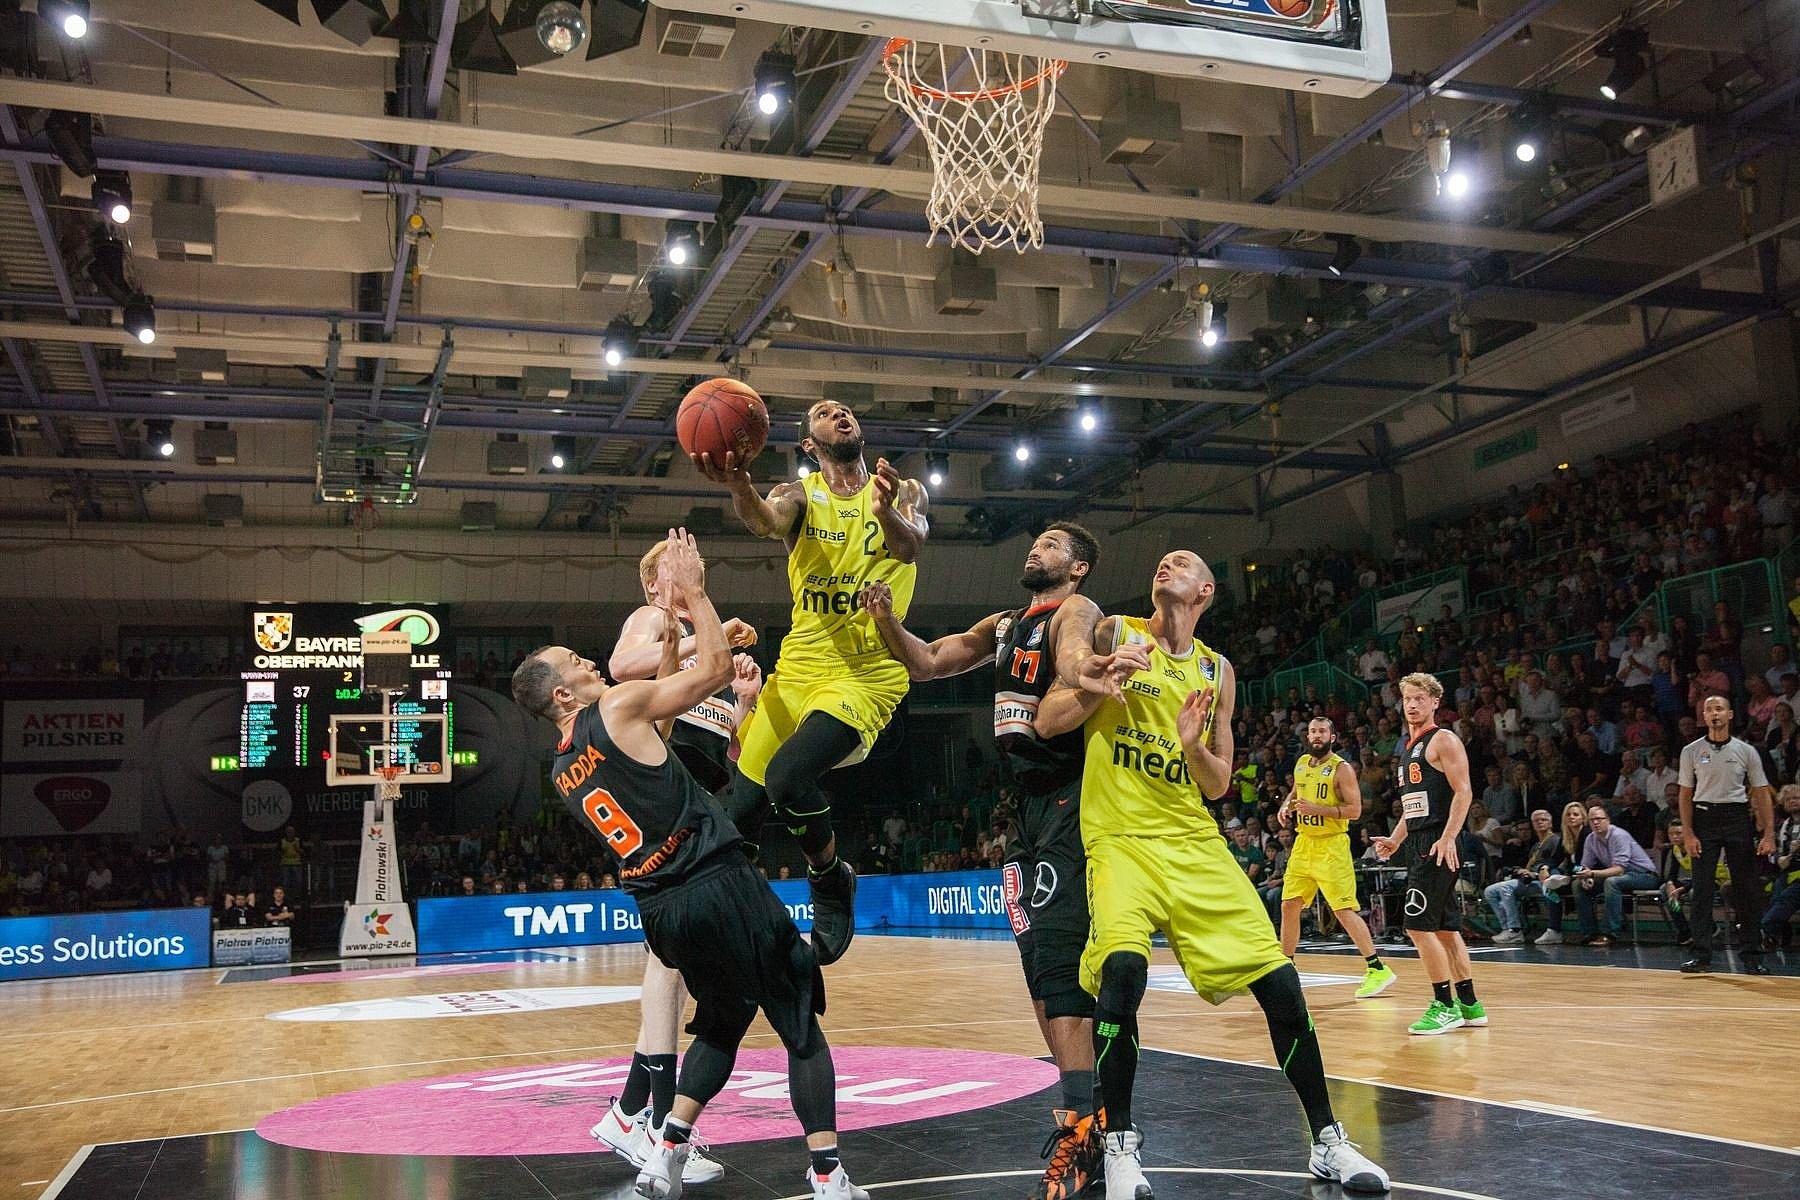 medi bayreuth basketball game